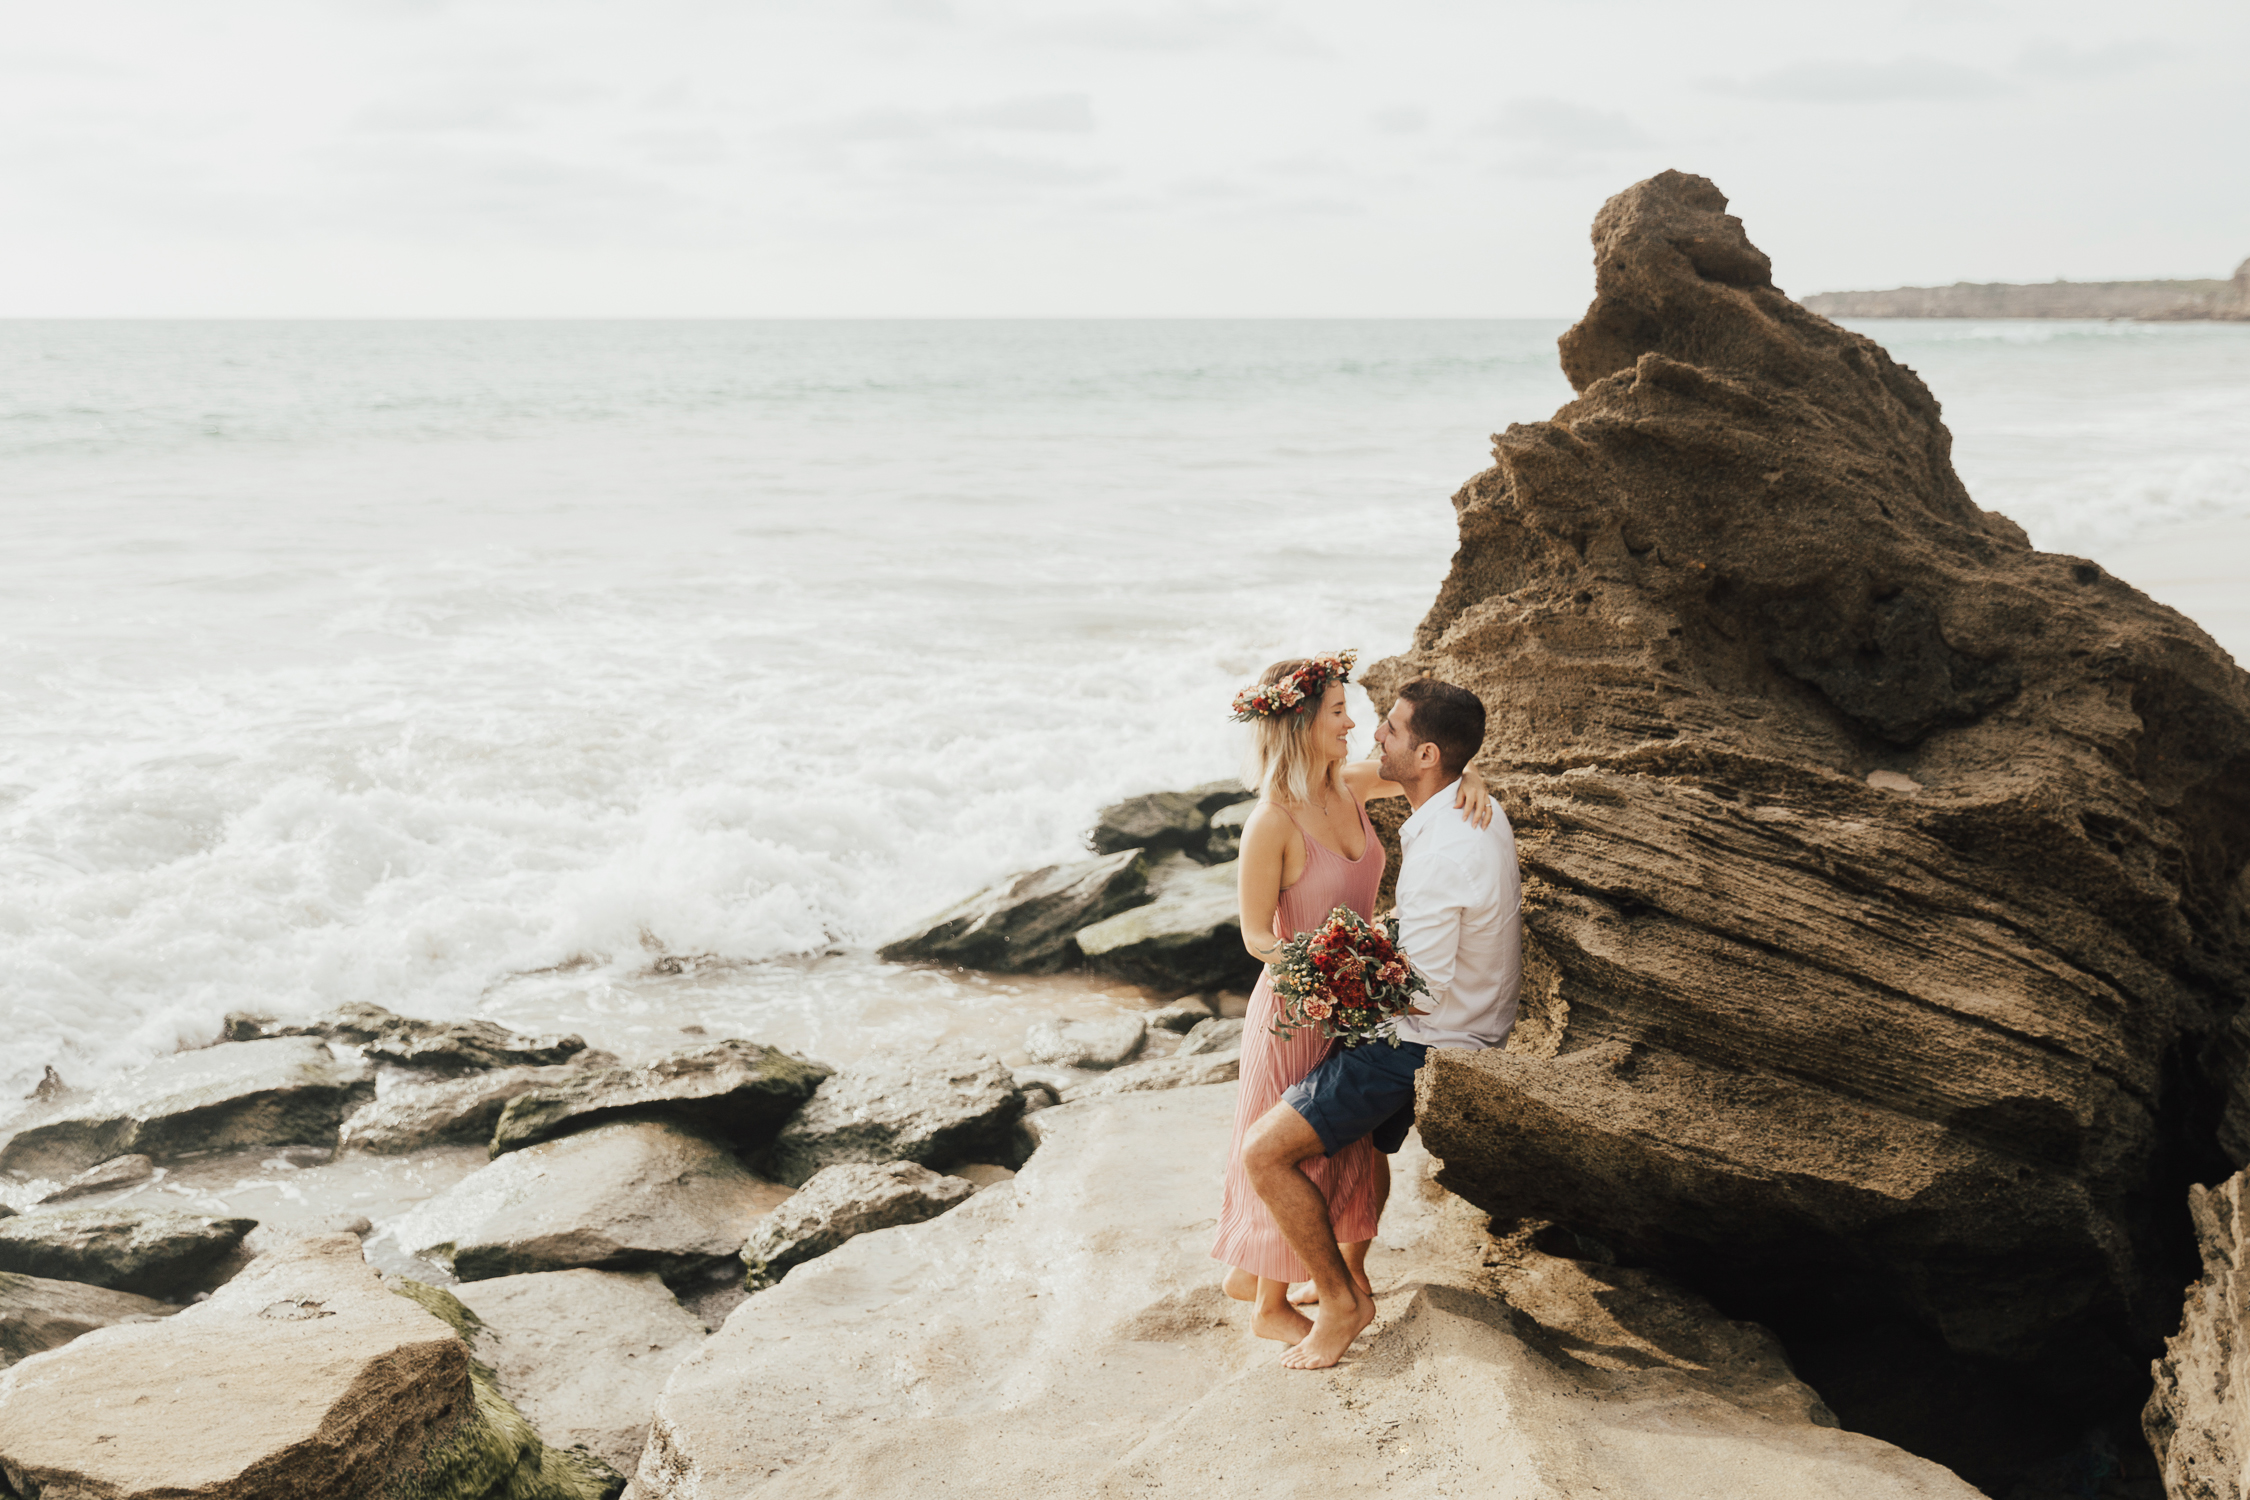 Michelle-Agurto-Fotografia-Bodas-Ecuador-Destination-Wedding-Photographer-Sesion-Esther-Jose-Luis-3.JPG